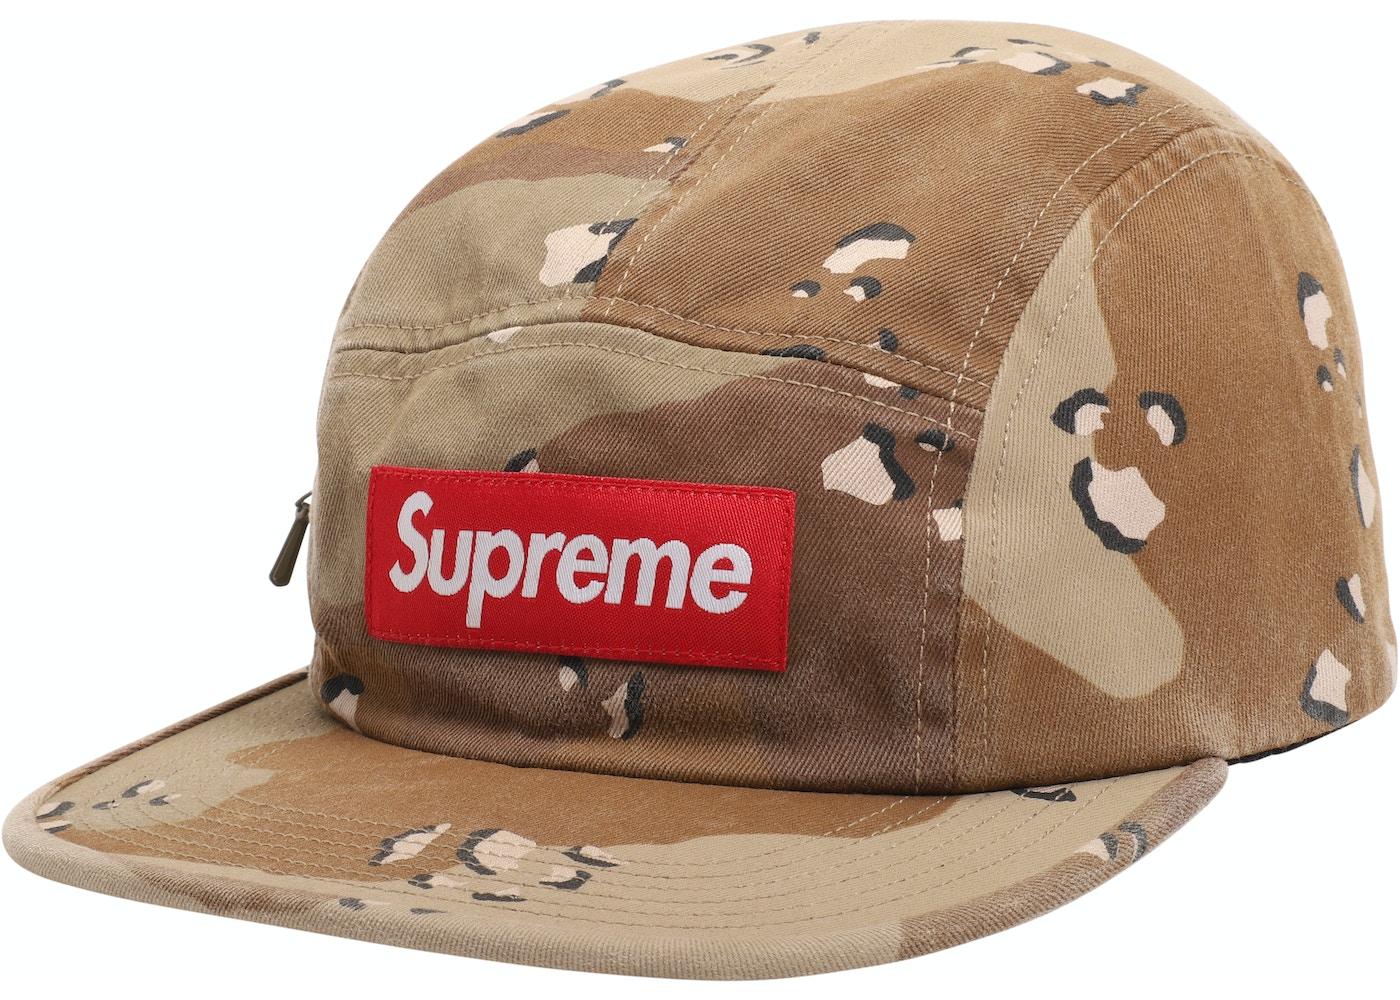 9718d6d5abf Streetwear - Supreme Headwear - New Lowest Asks